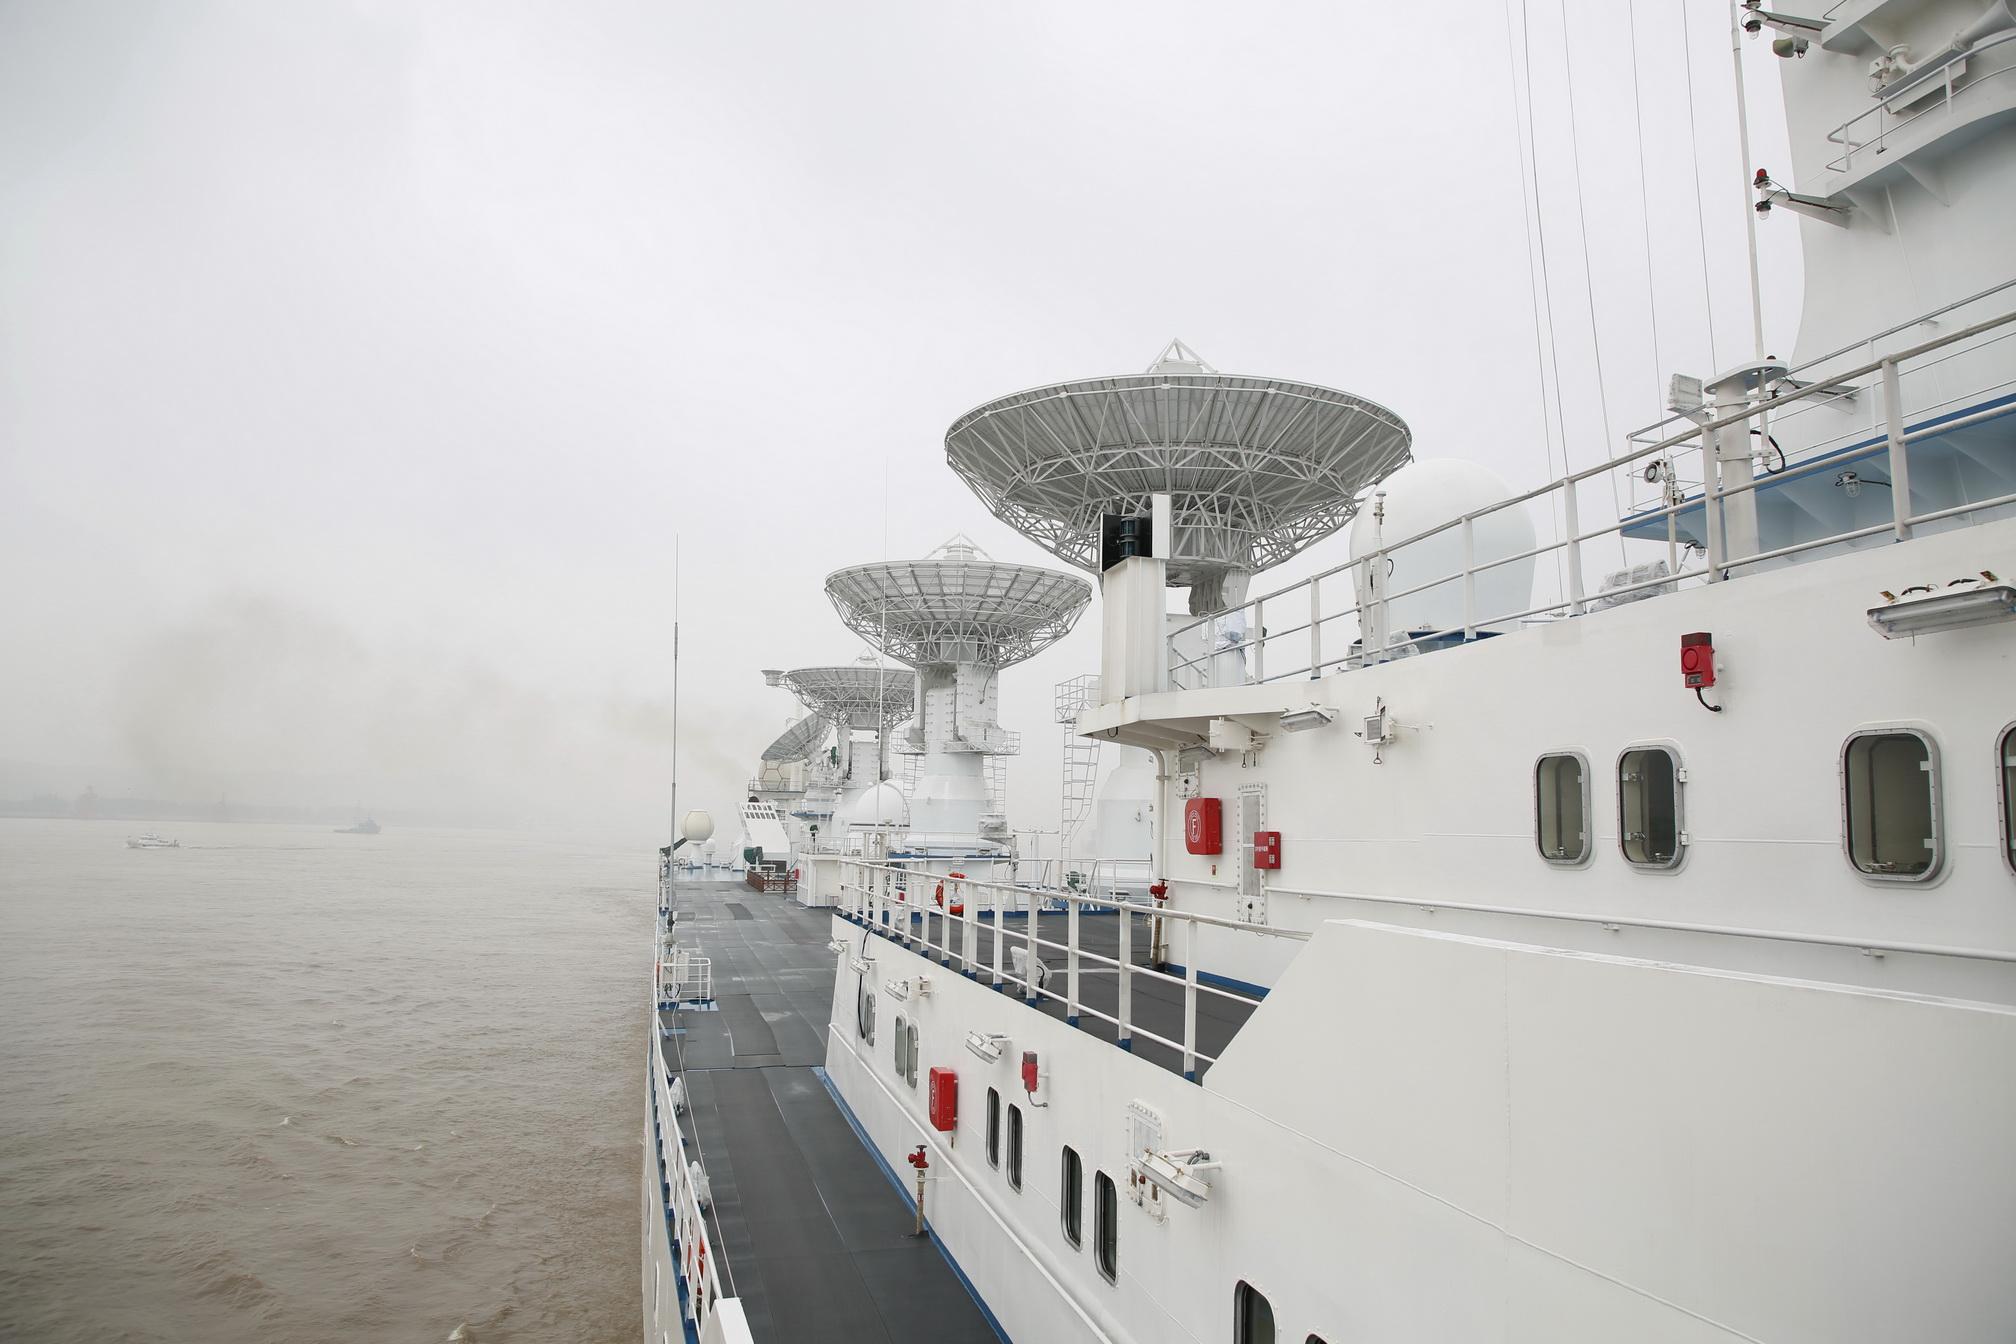 'เรือหย่วนวั่ง-6' จบภารกิจติดตามยานอวกาศ 'เทียนโจว-เสินโจว'